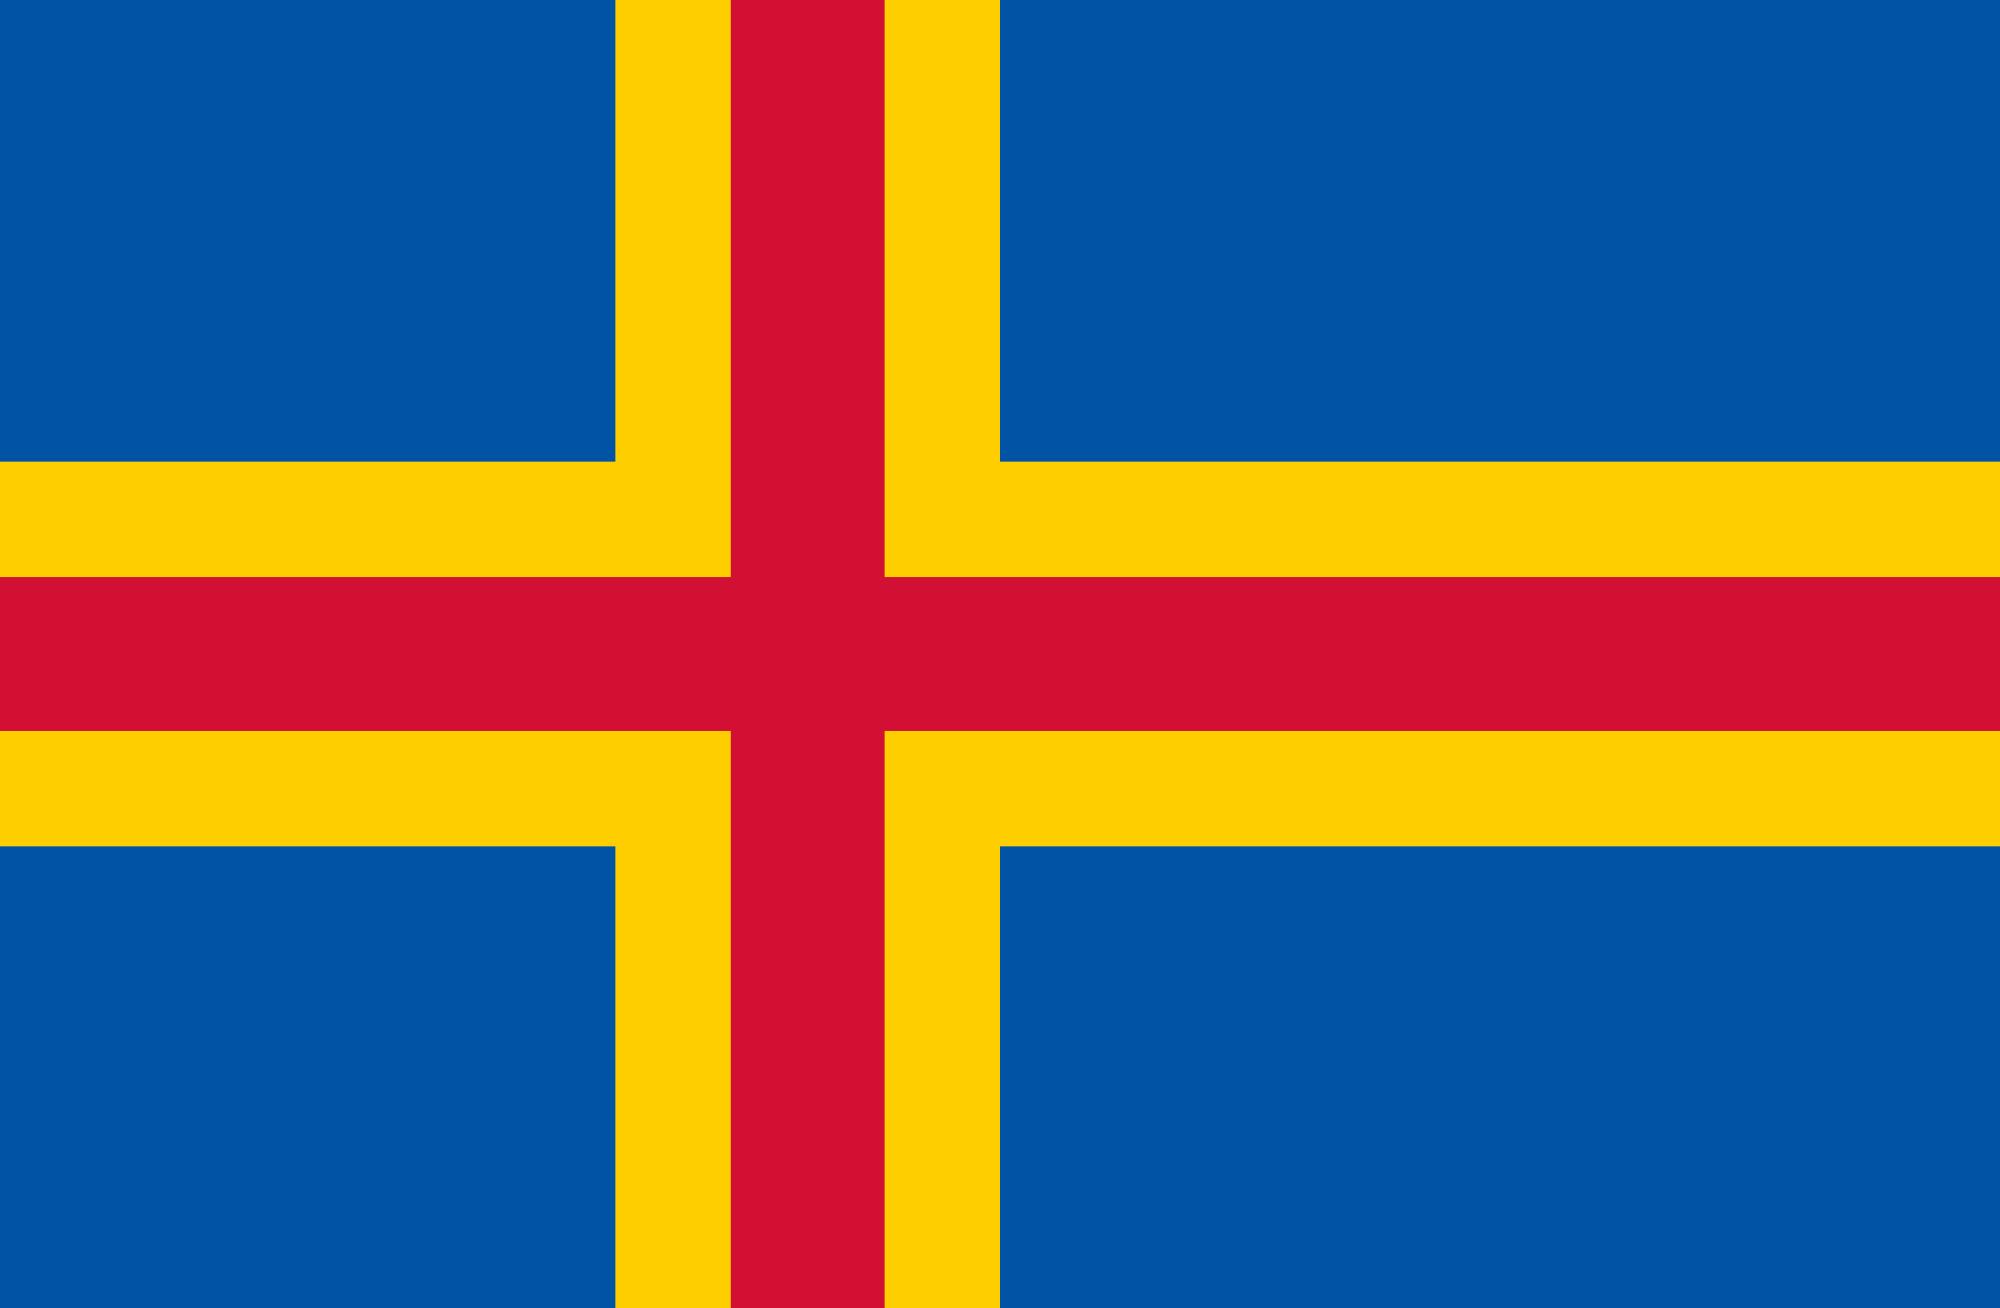 Land Flag Land Belongs To Finland